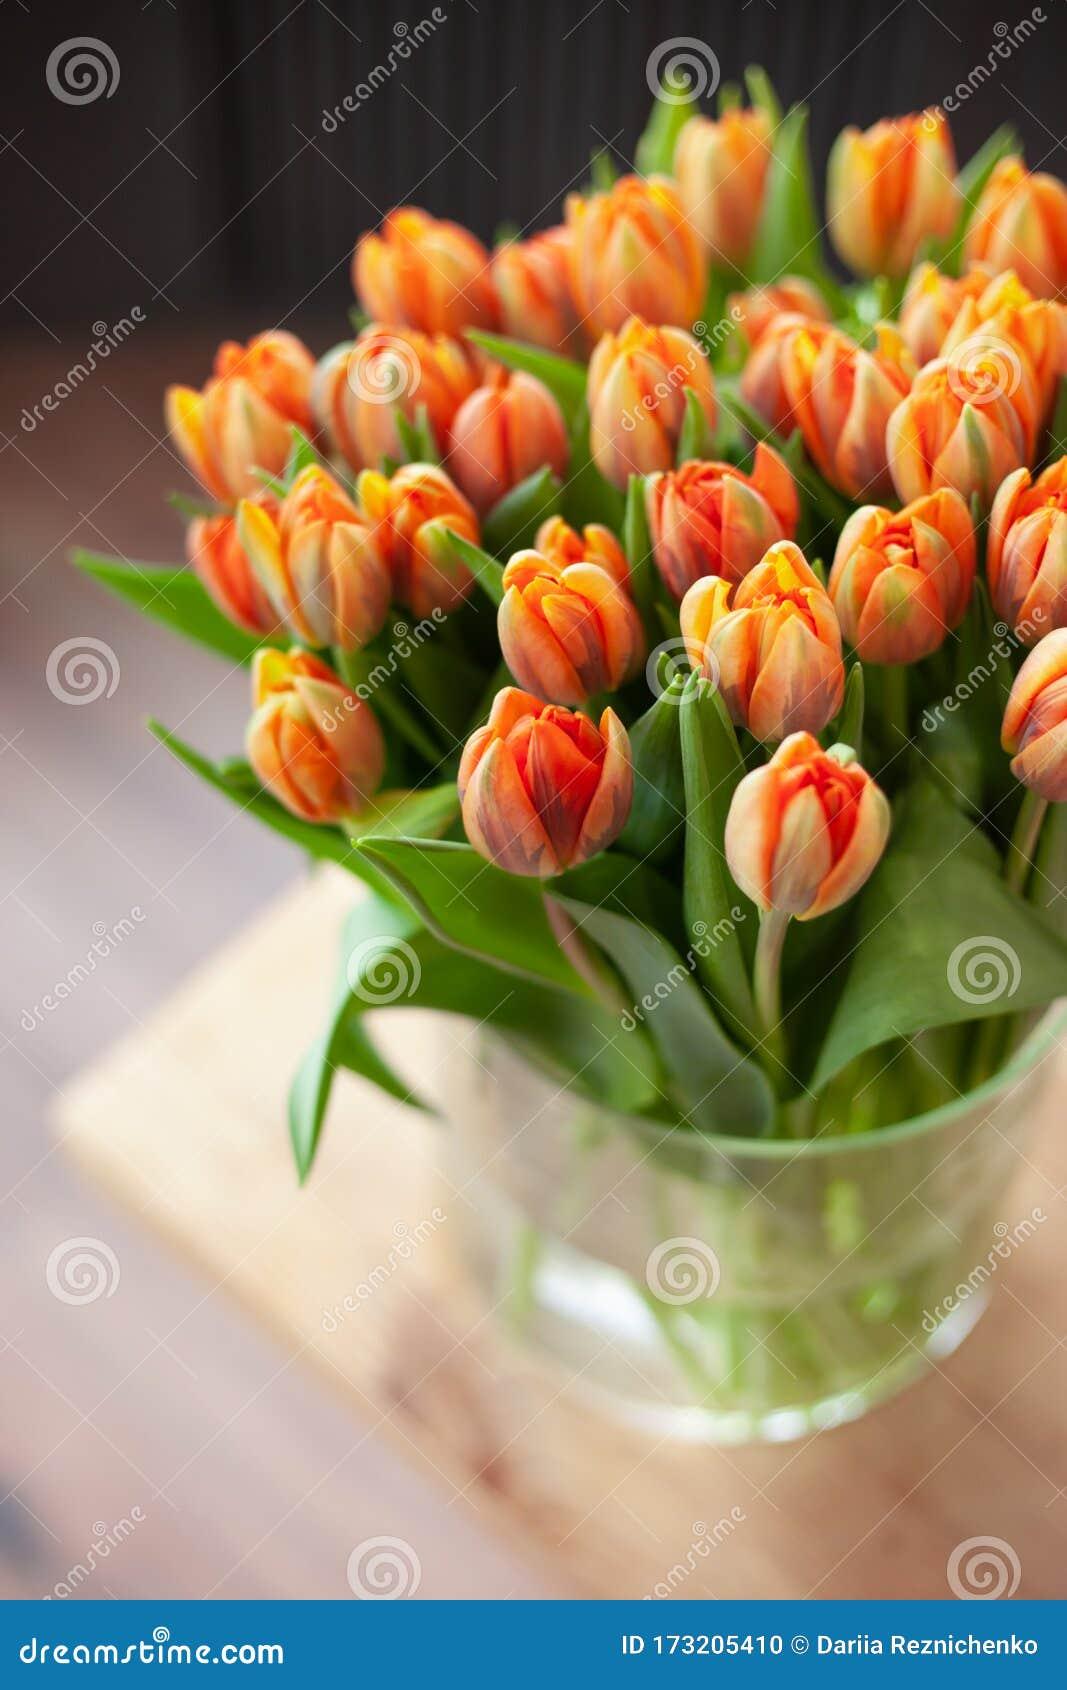 Yellow Orange Tulips Bouquet In Glass Vase. Stock Photo ...